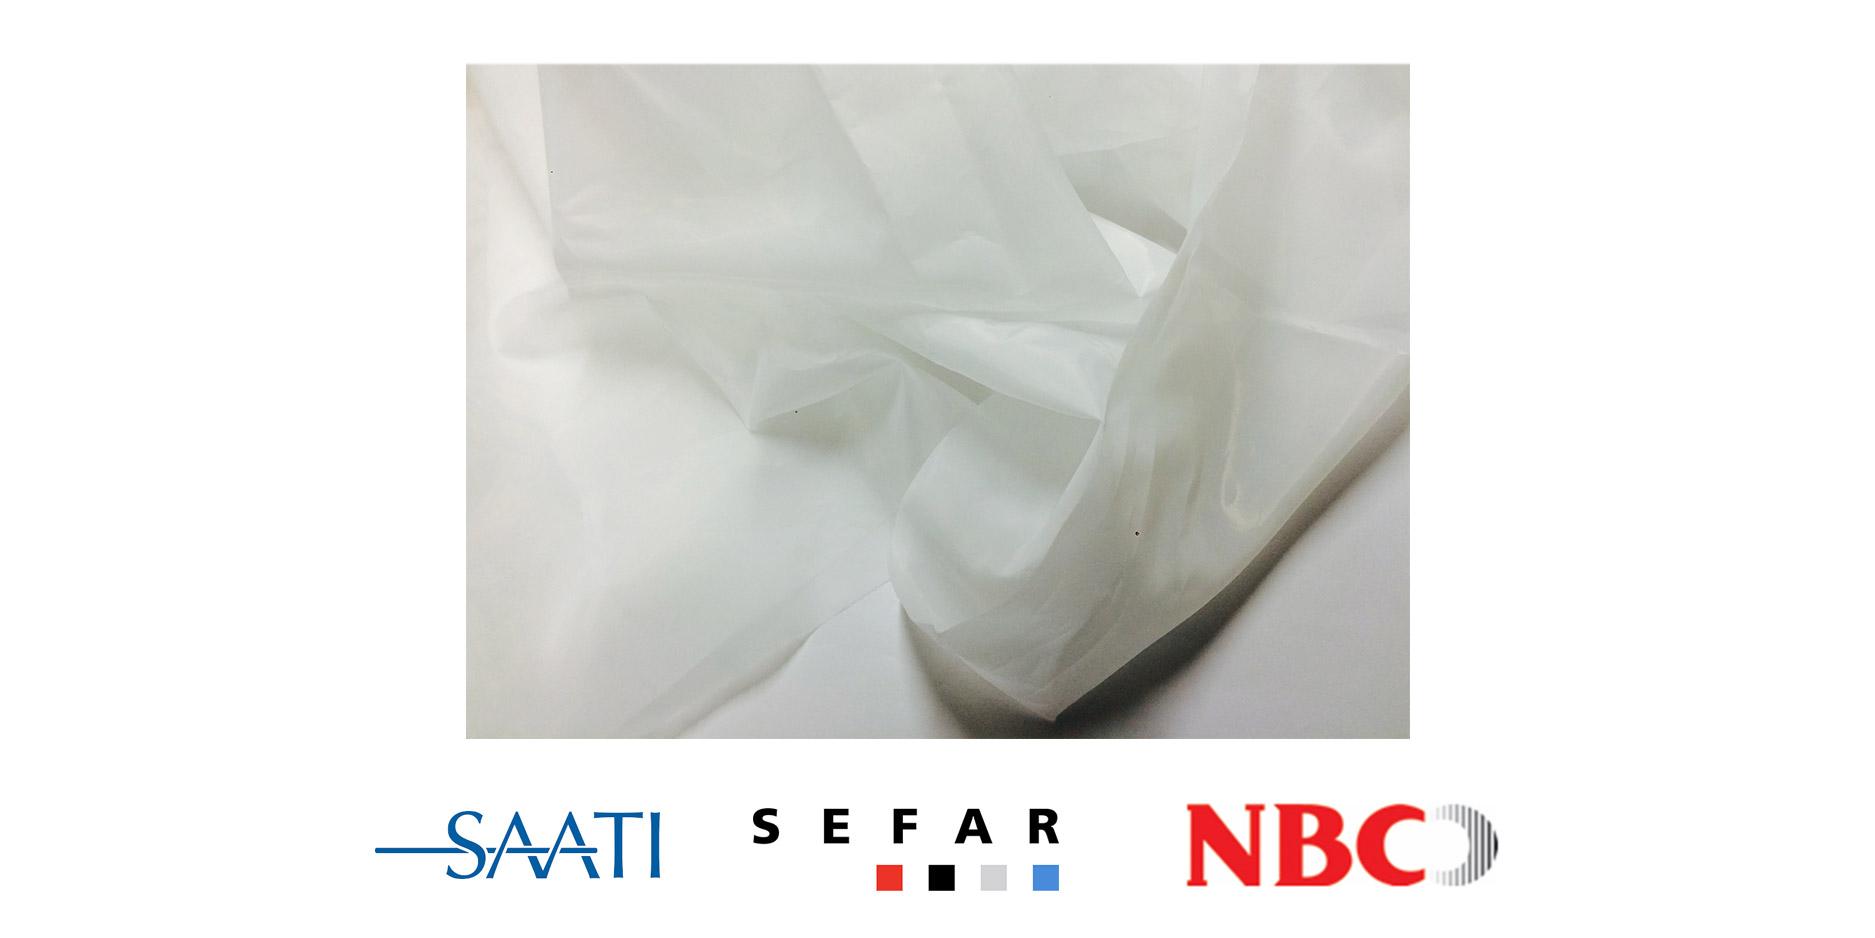 Poliester Seda Blanco - Saati - Sefar - NBC - Sedas y Tejidos - Prisma Screen Digital - Bogota